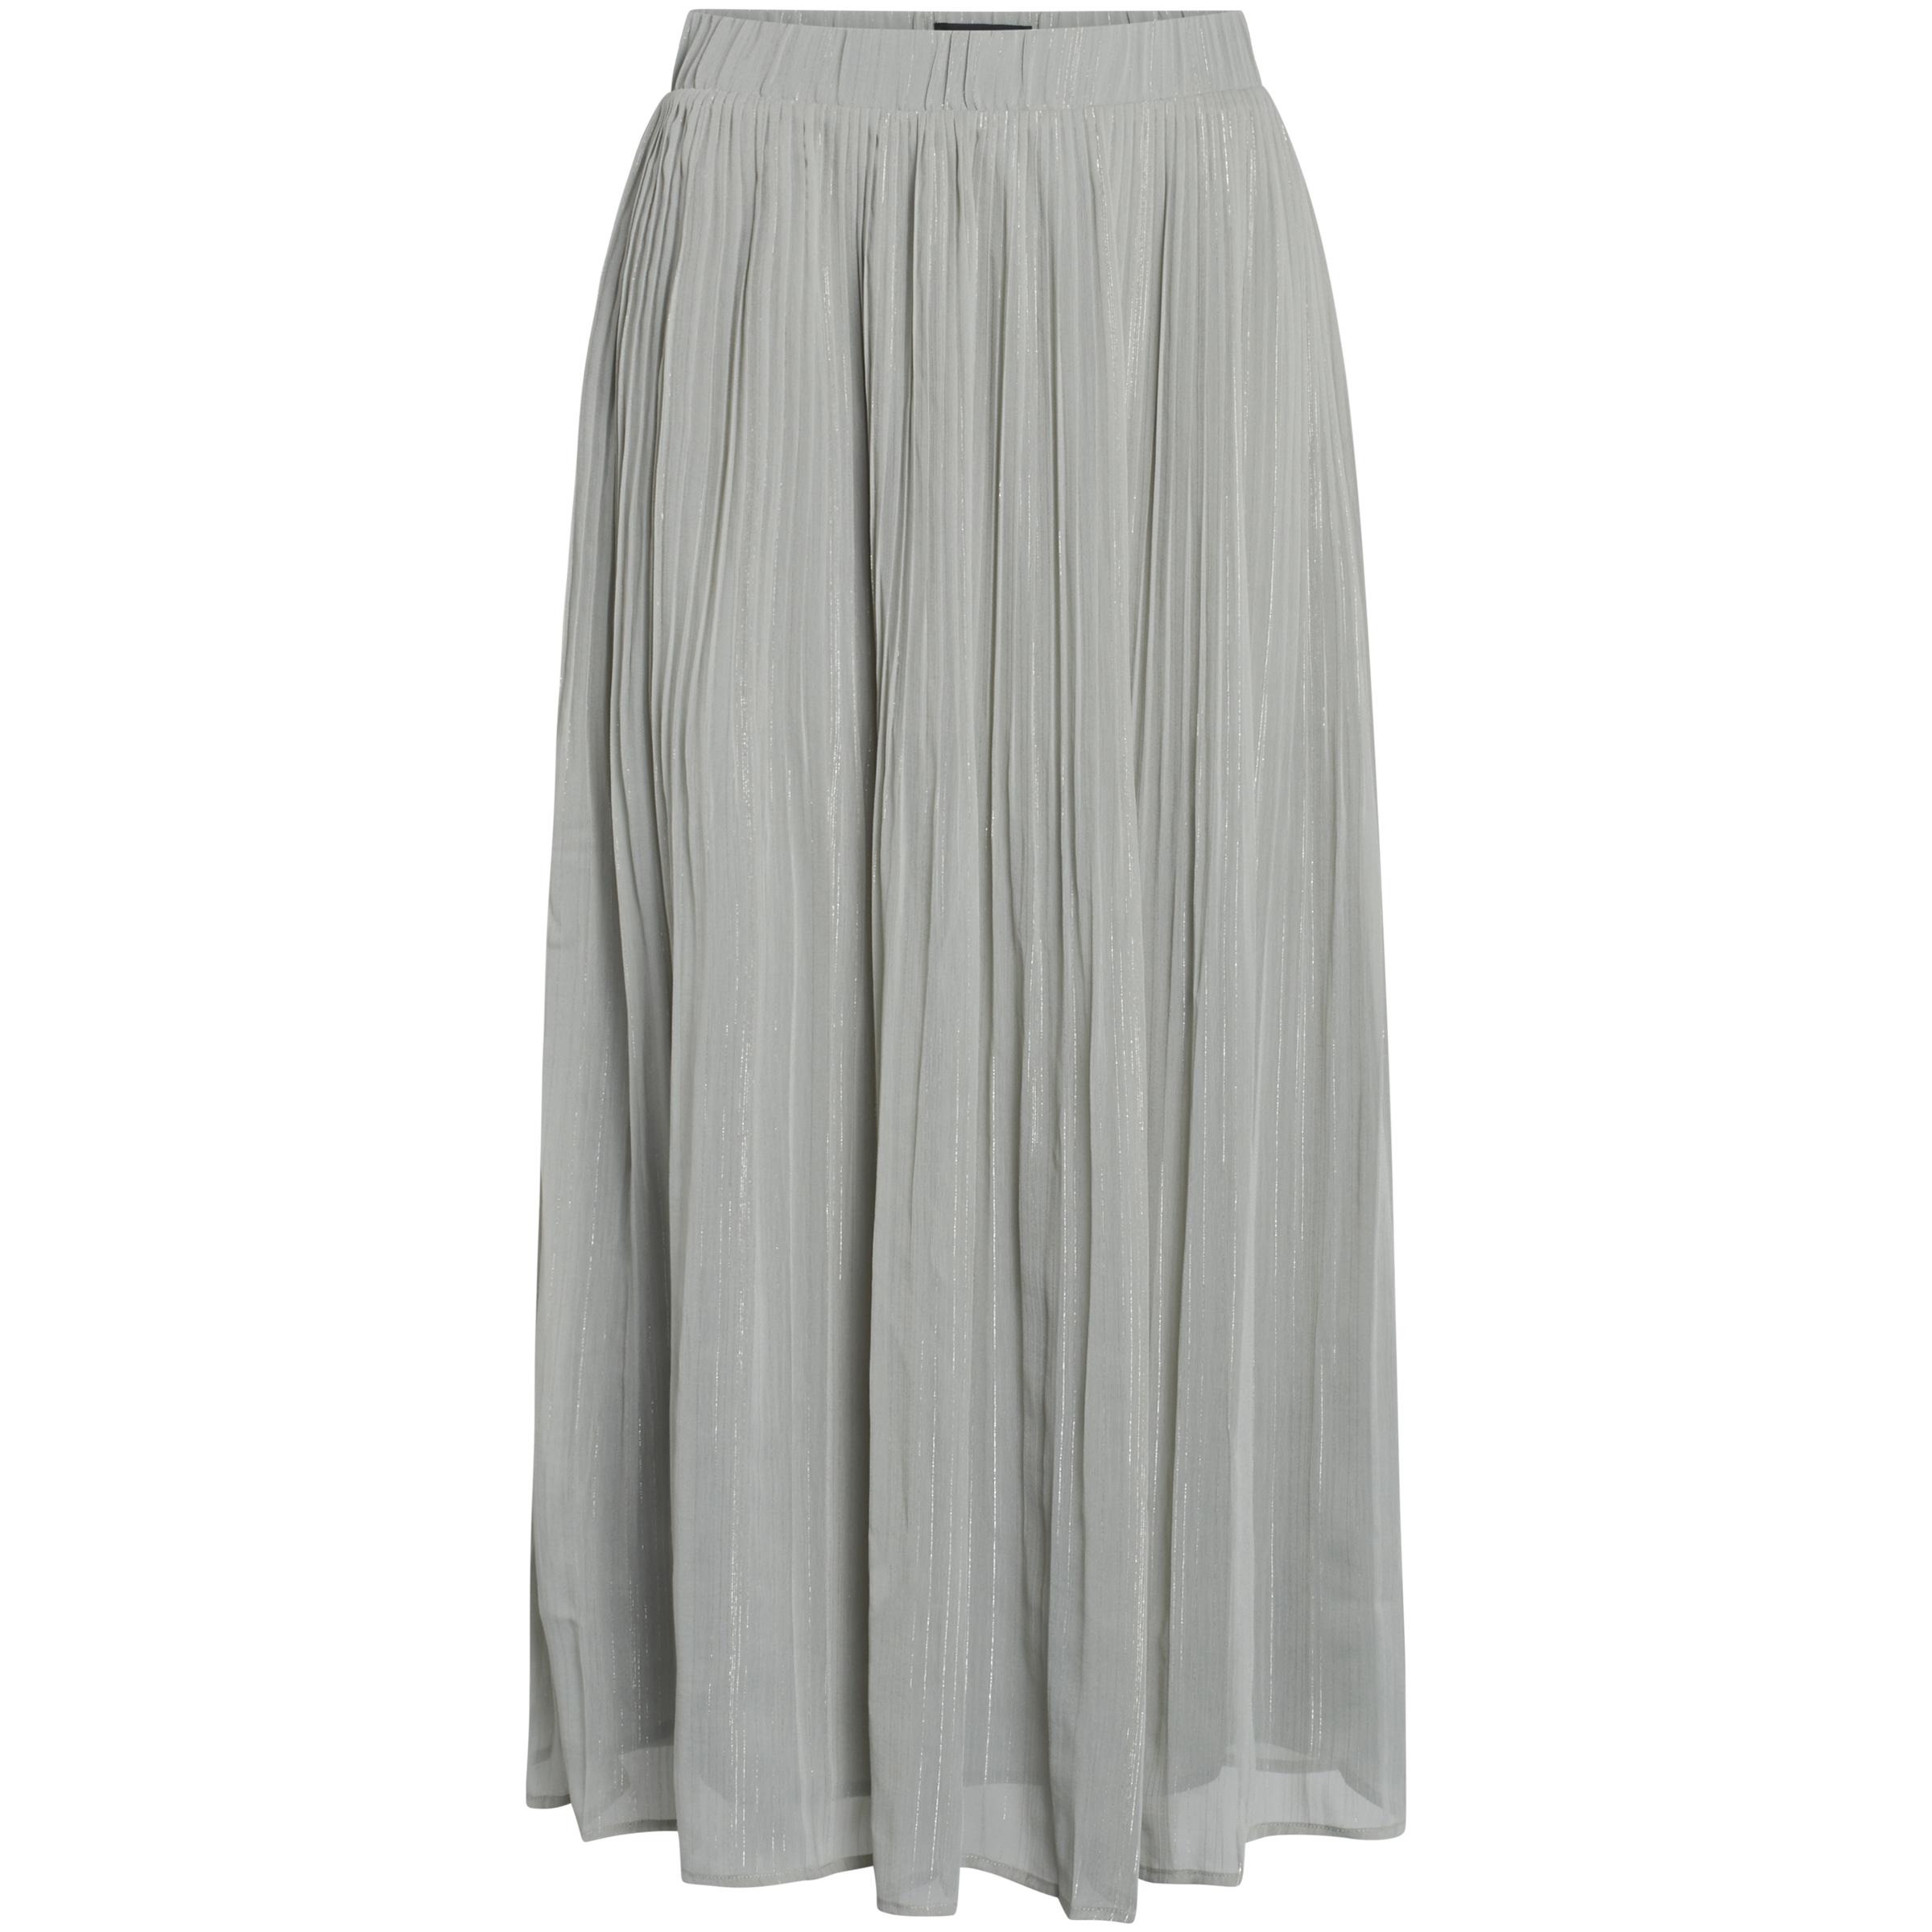 Senna Skirt